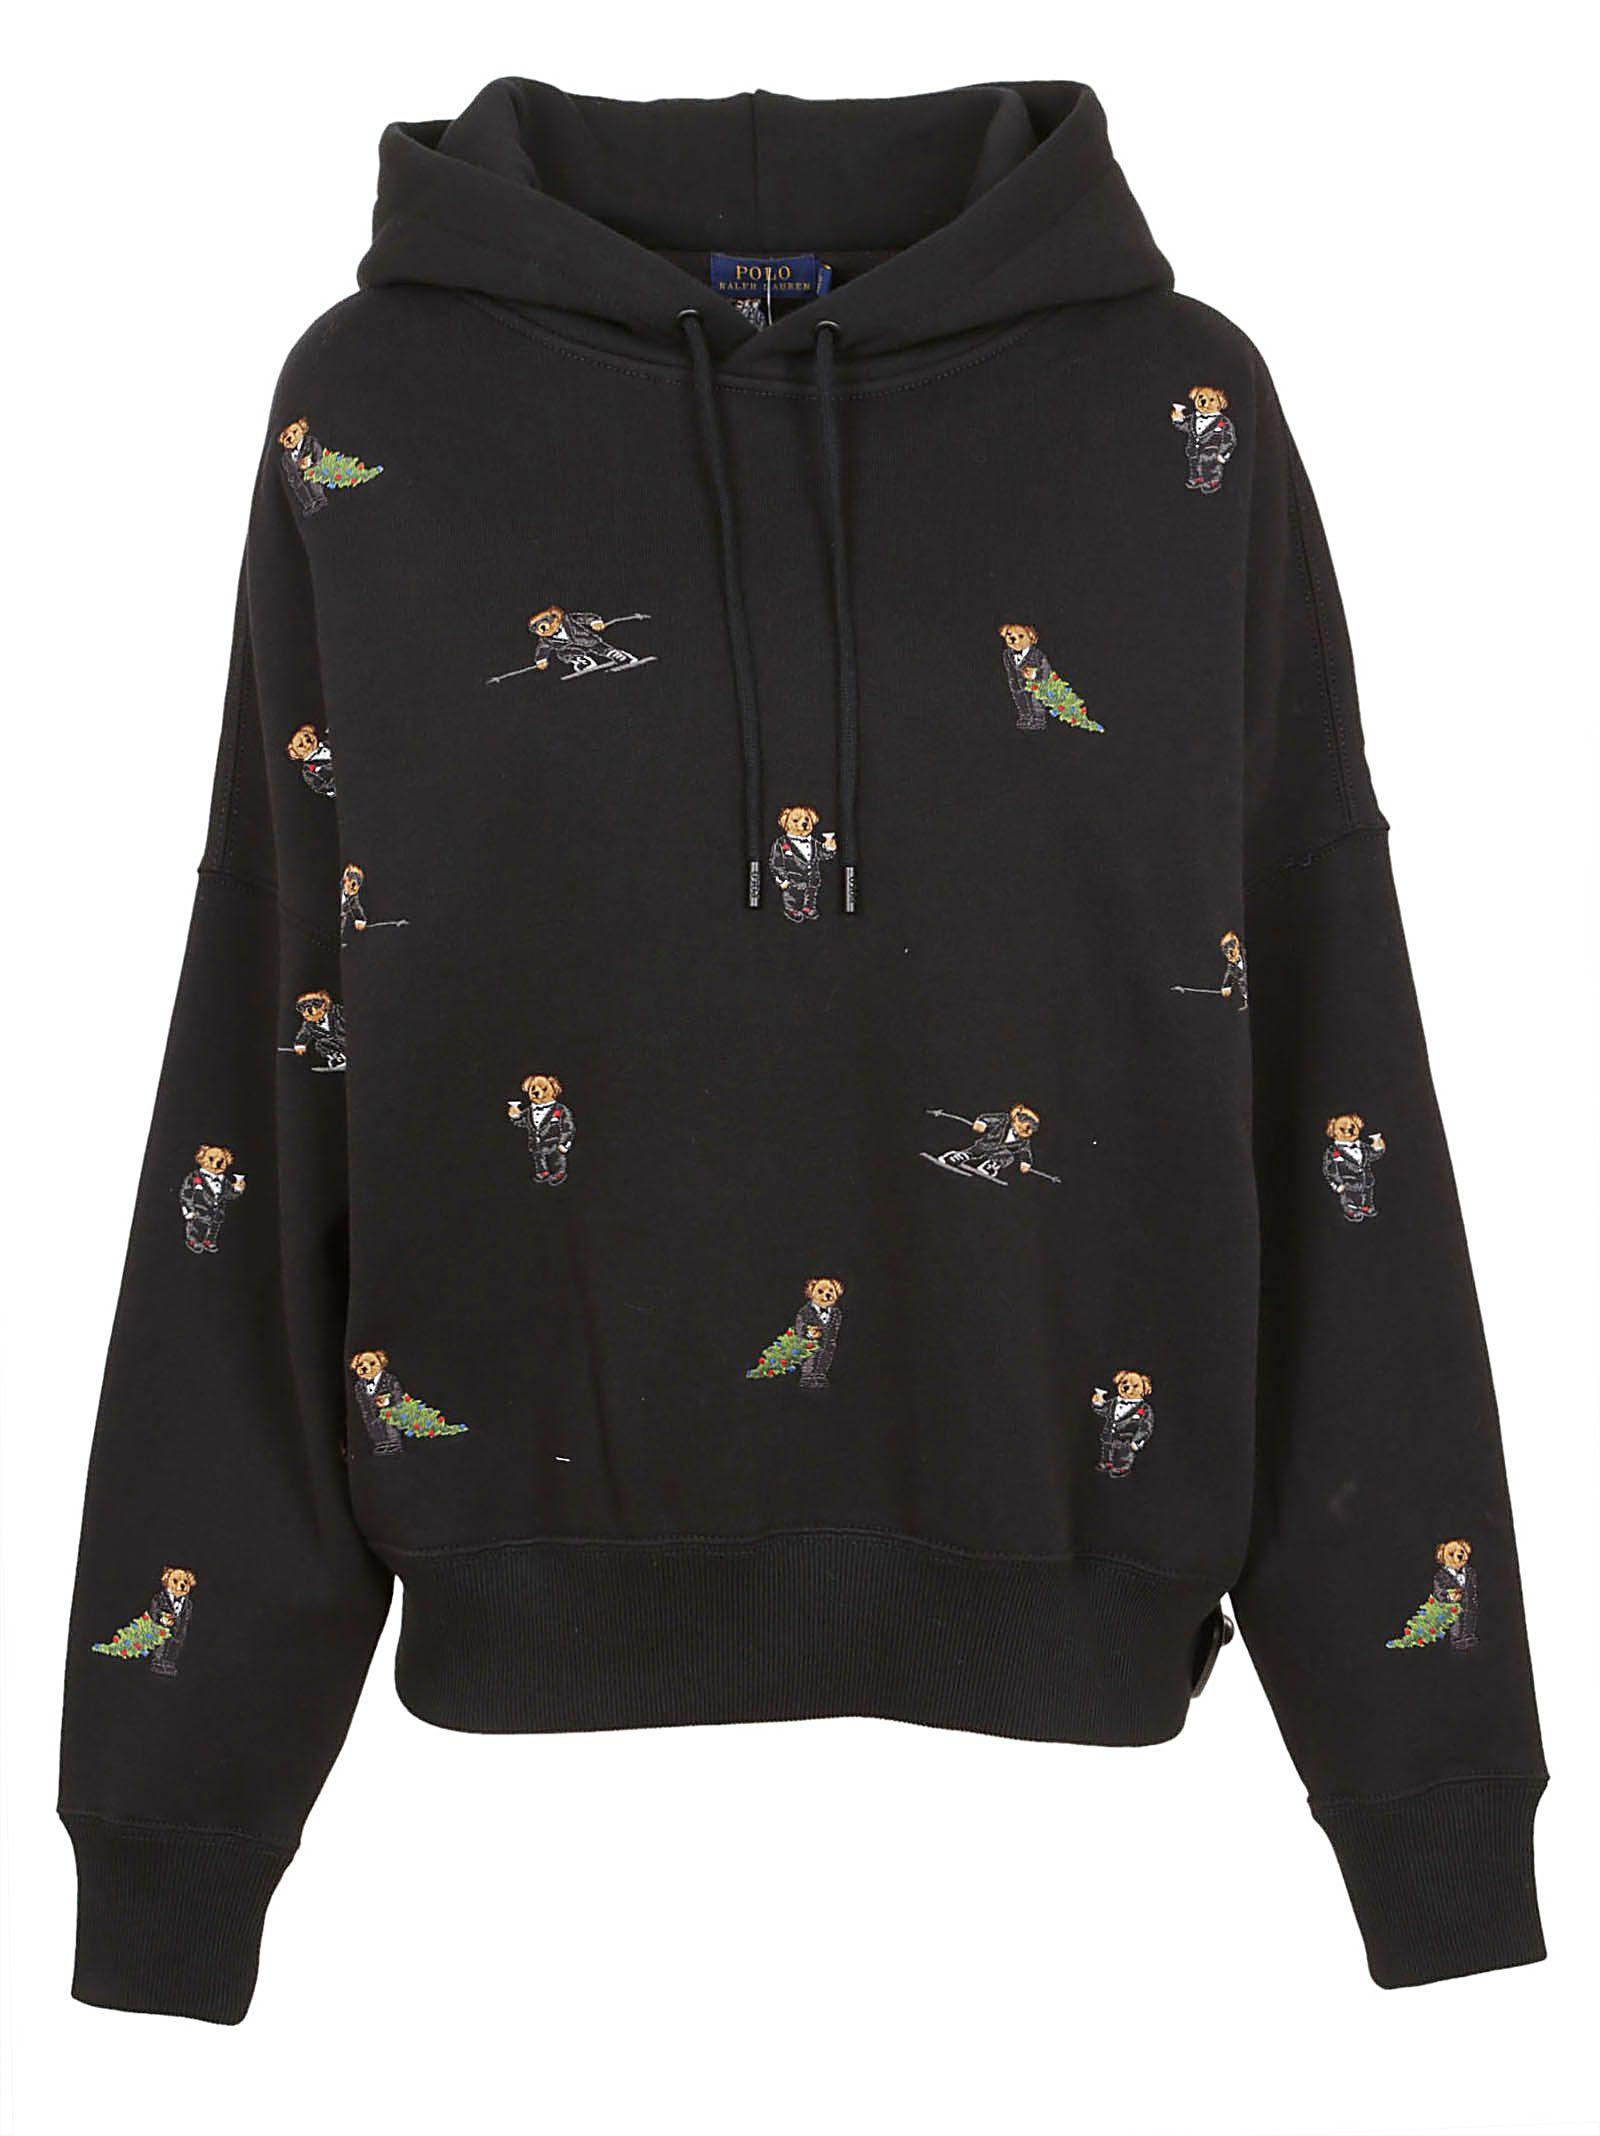 Ralph Lauren Teddy Sweater